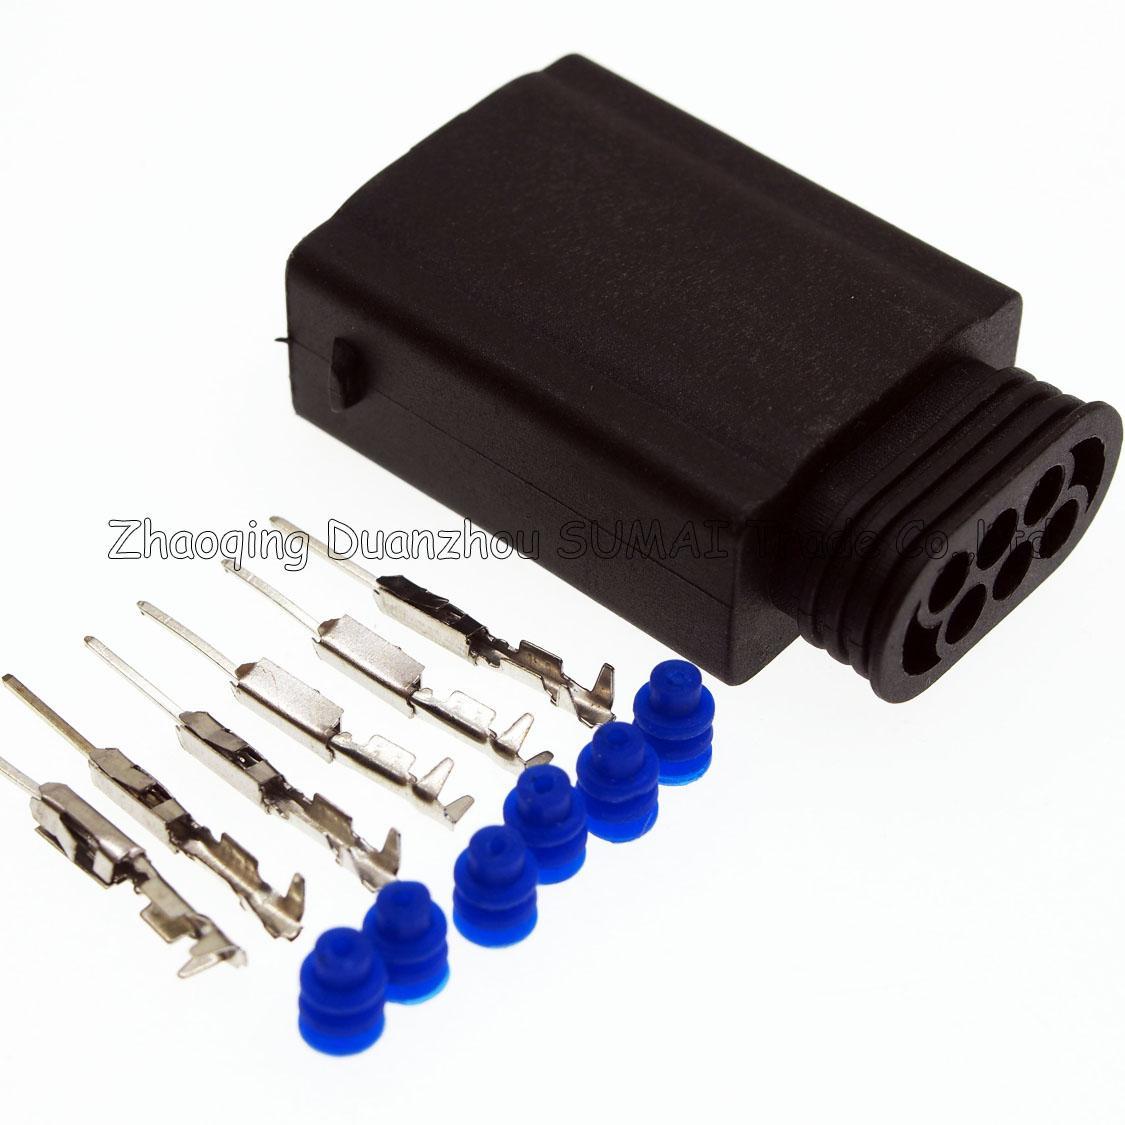 Spina sensore auto limitatore AMP 6 pin / way maschio, connettore sensore posizione farfalla, spina elettrica auto impermeabile BMW